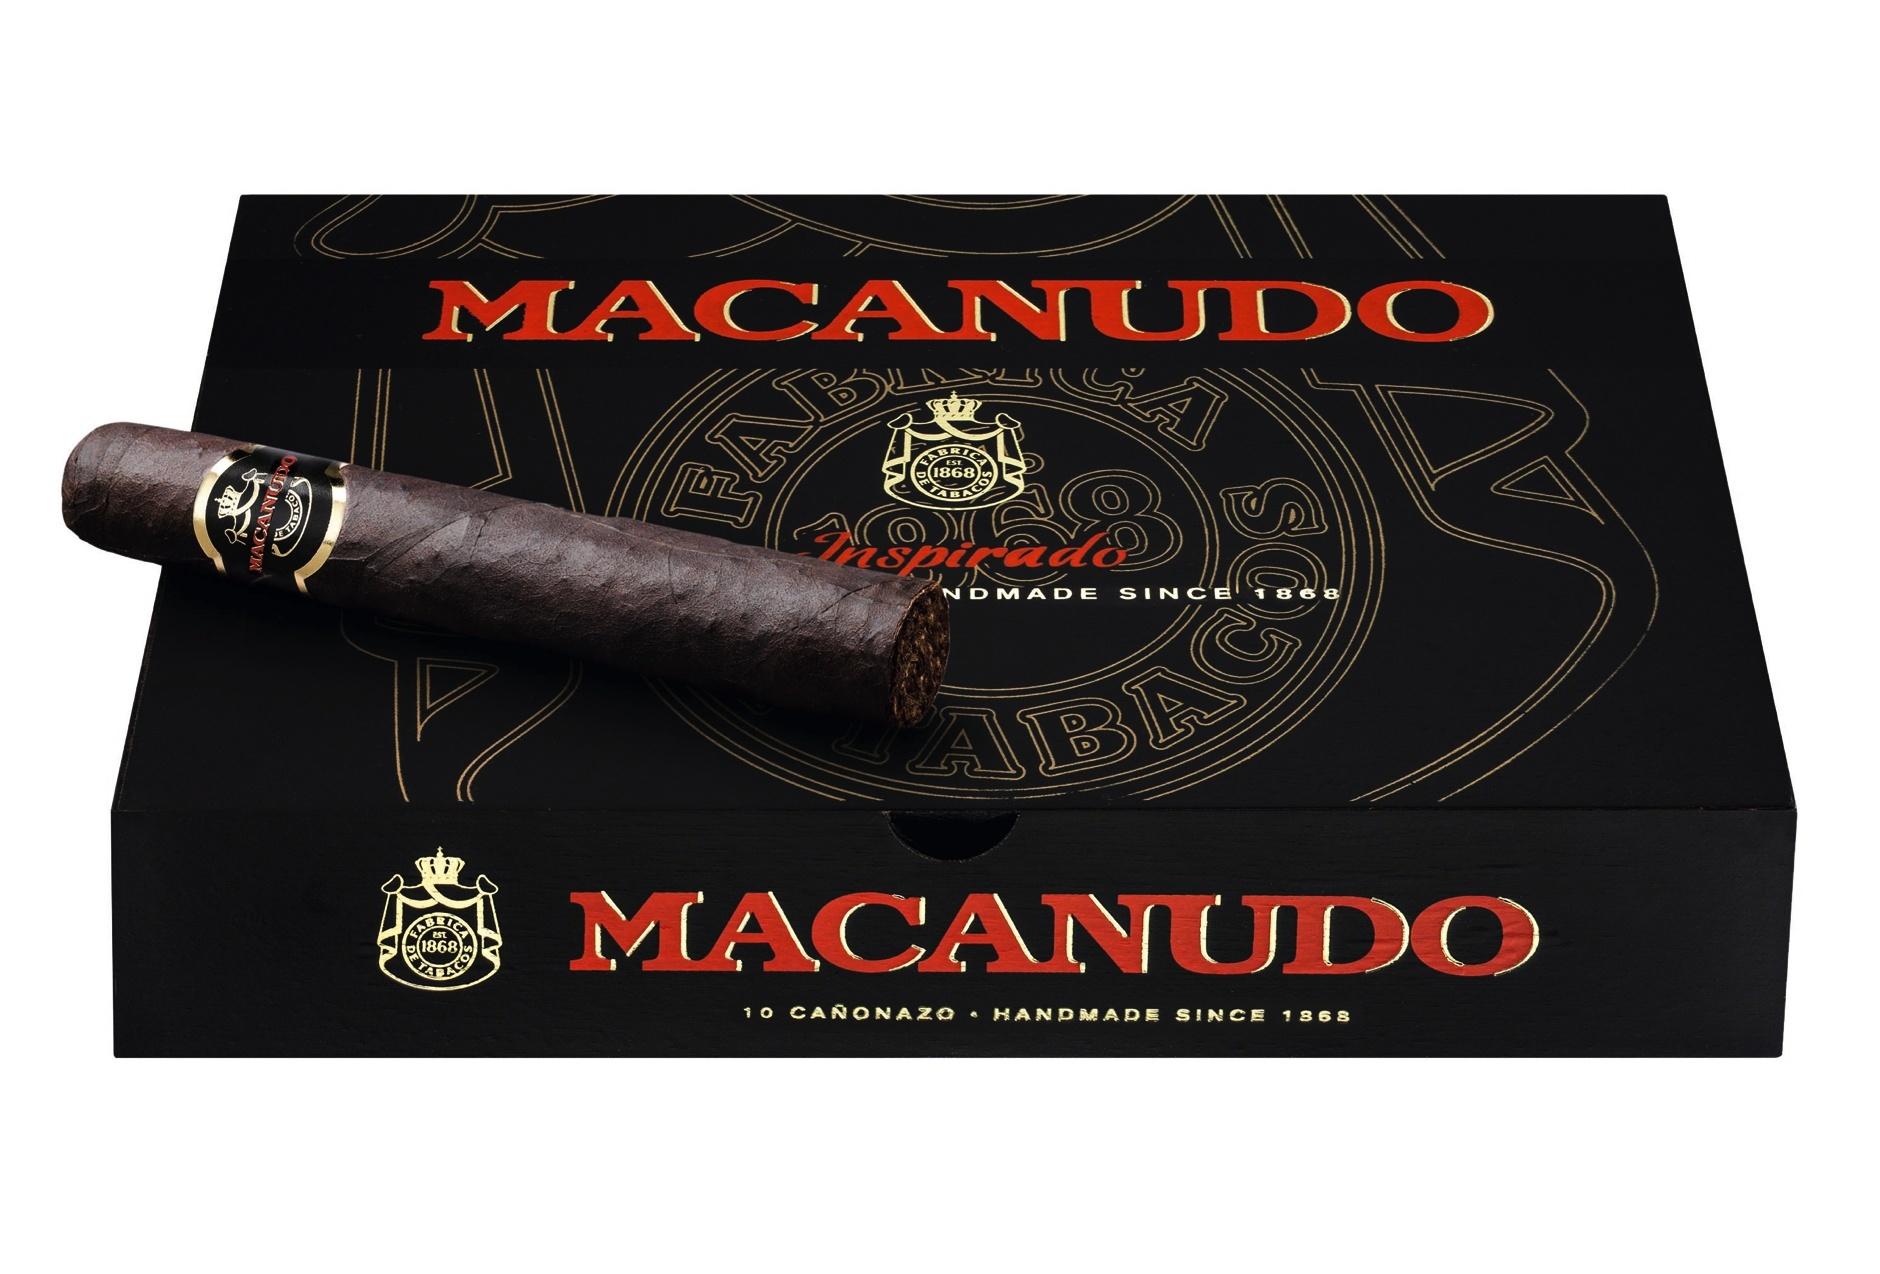 Macanudo Inspirado Feature